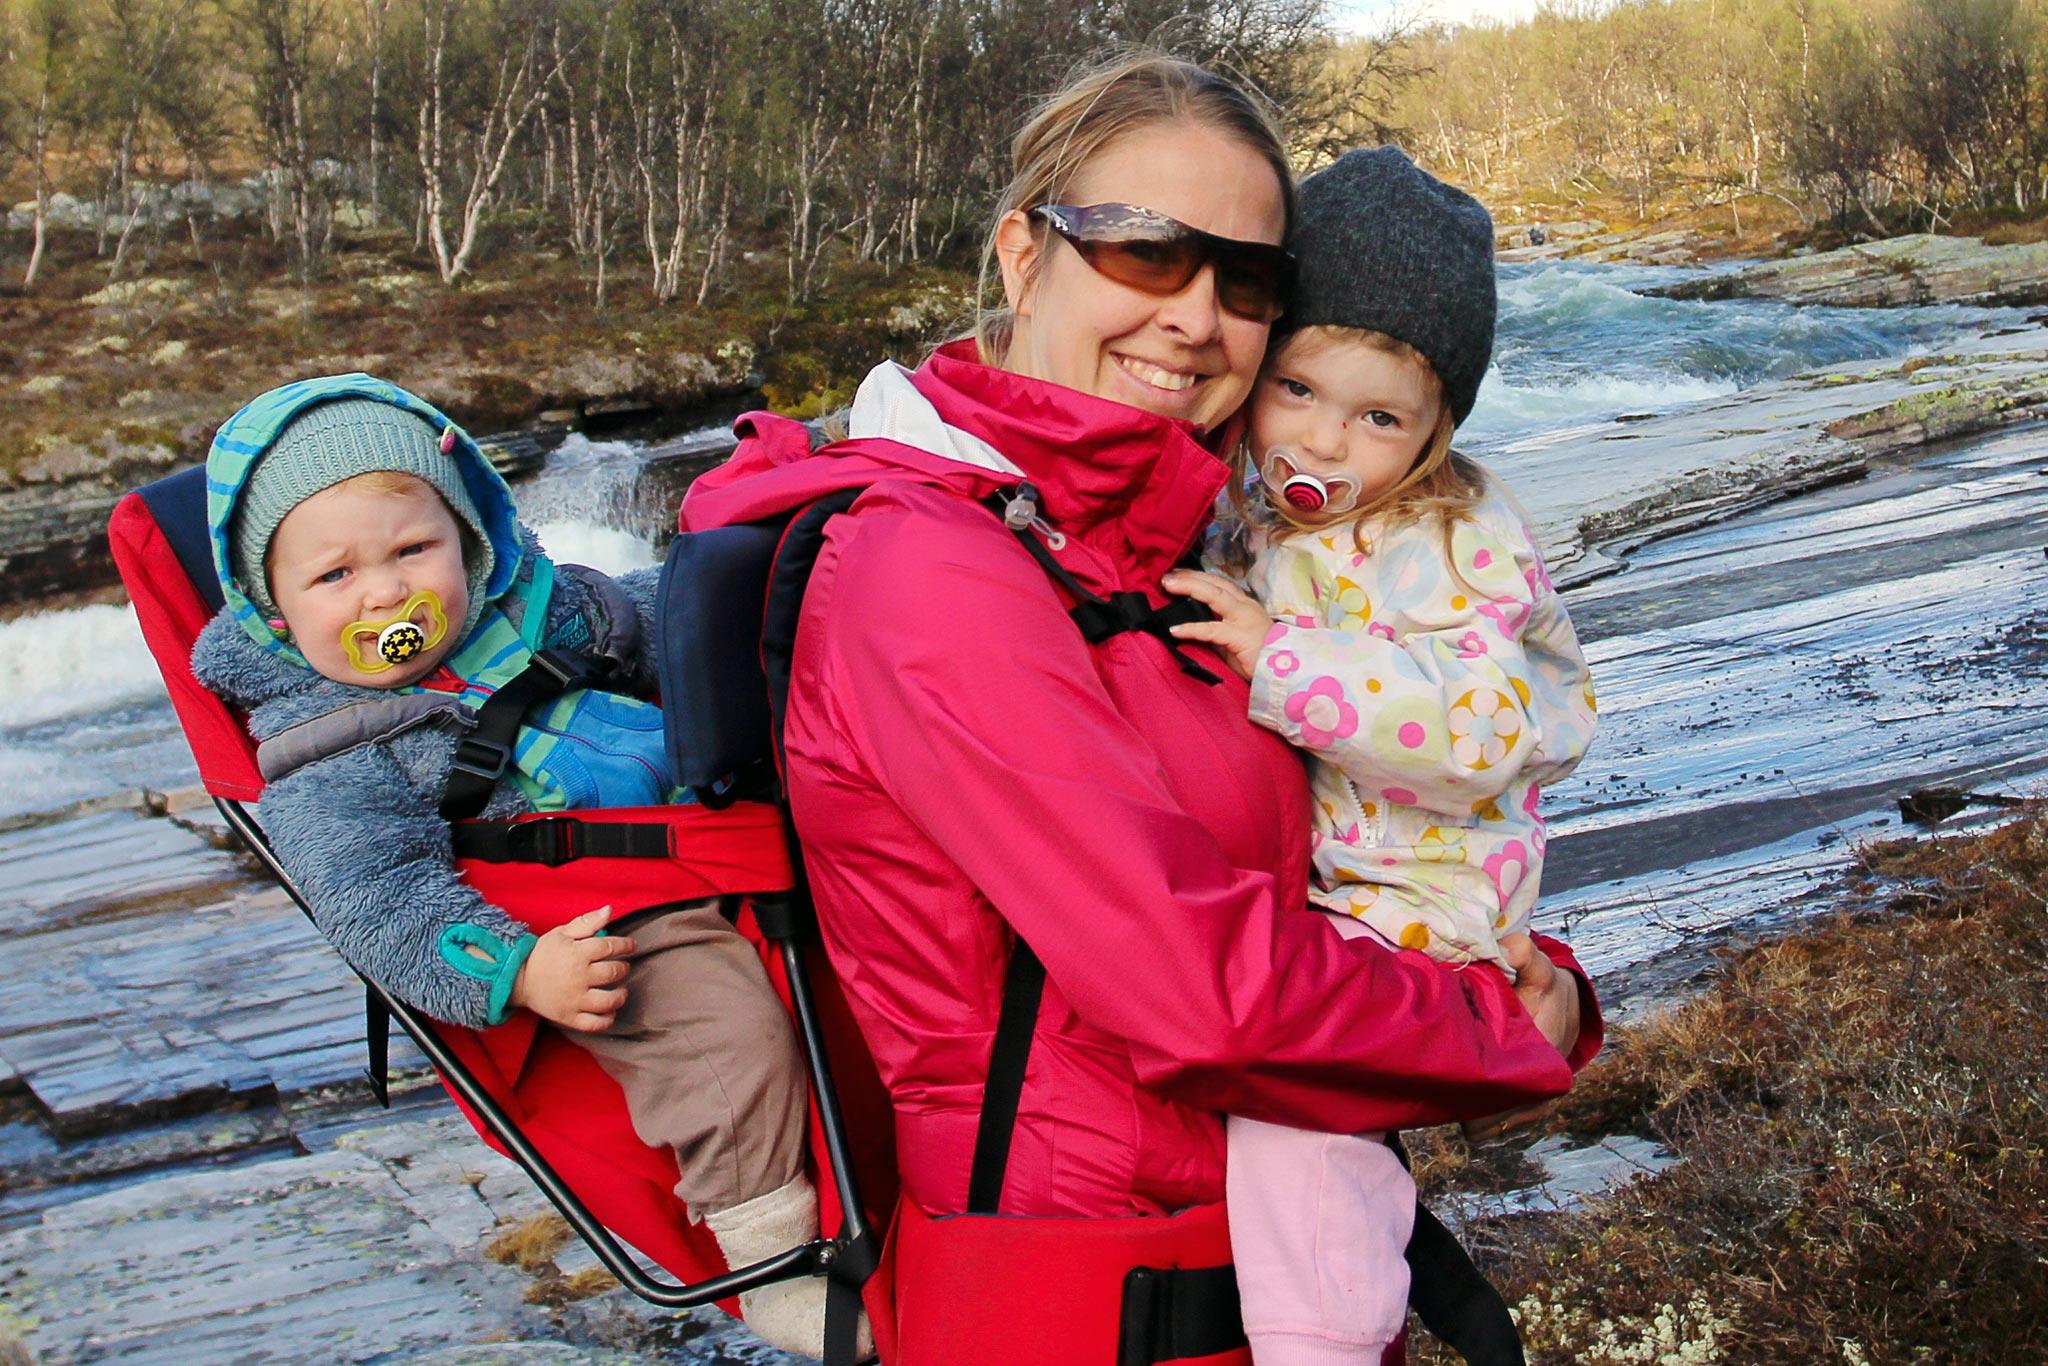 Satu lasten kanssa Rondanen kansallispuistossa Norjassa.